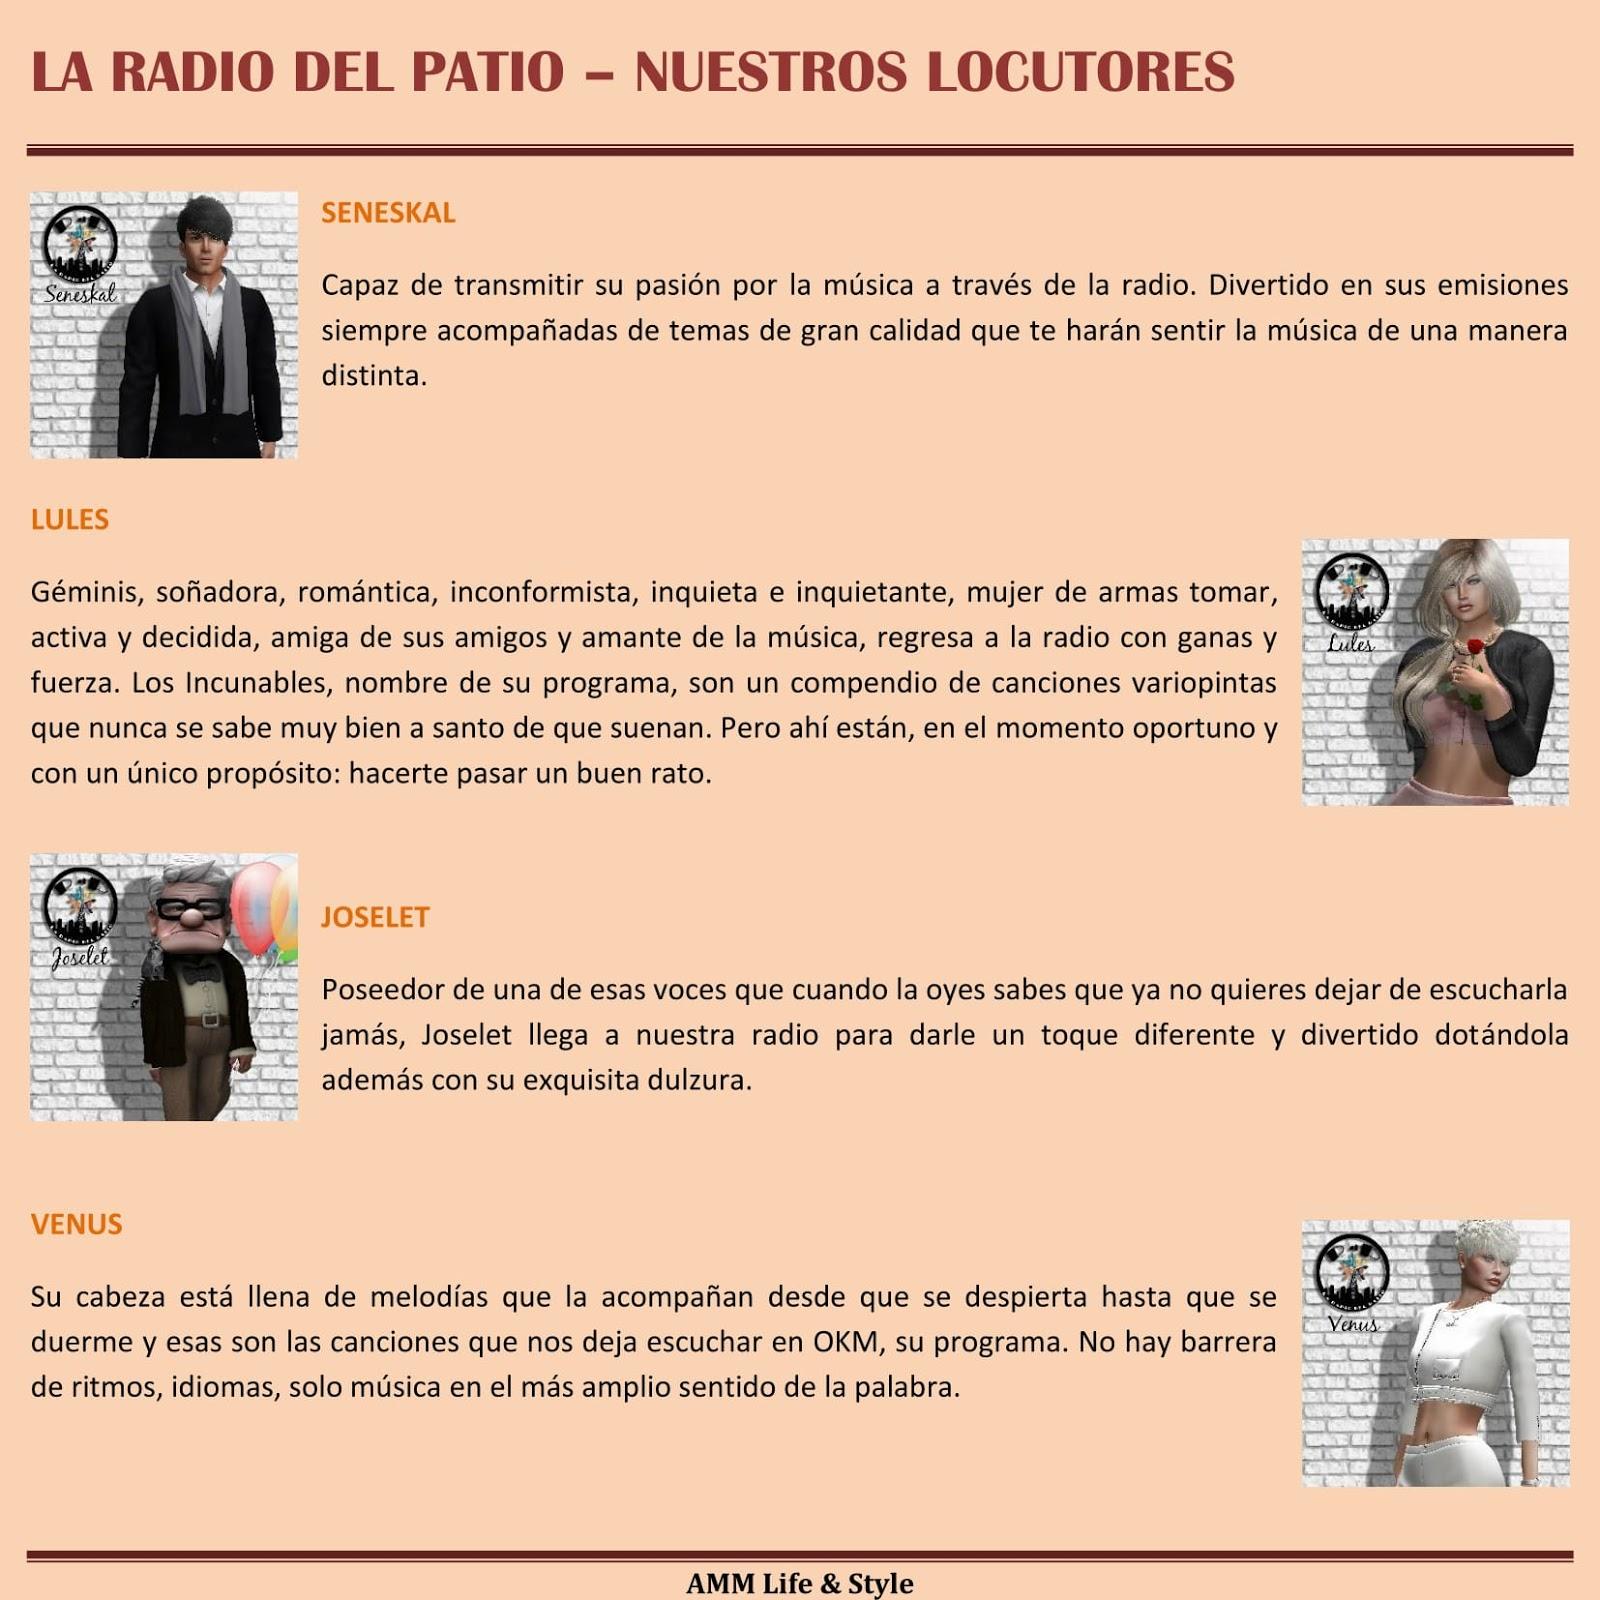 AMM Life & Style: AMM NUM 51 - LA RADIO DE EL PATIO ...